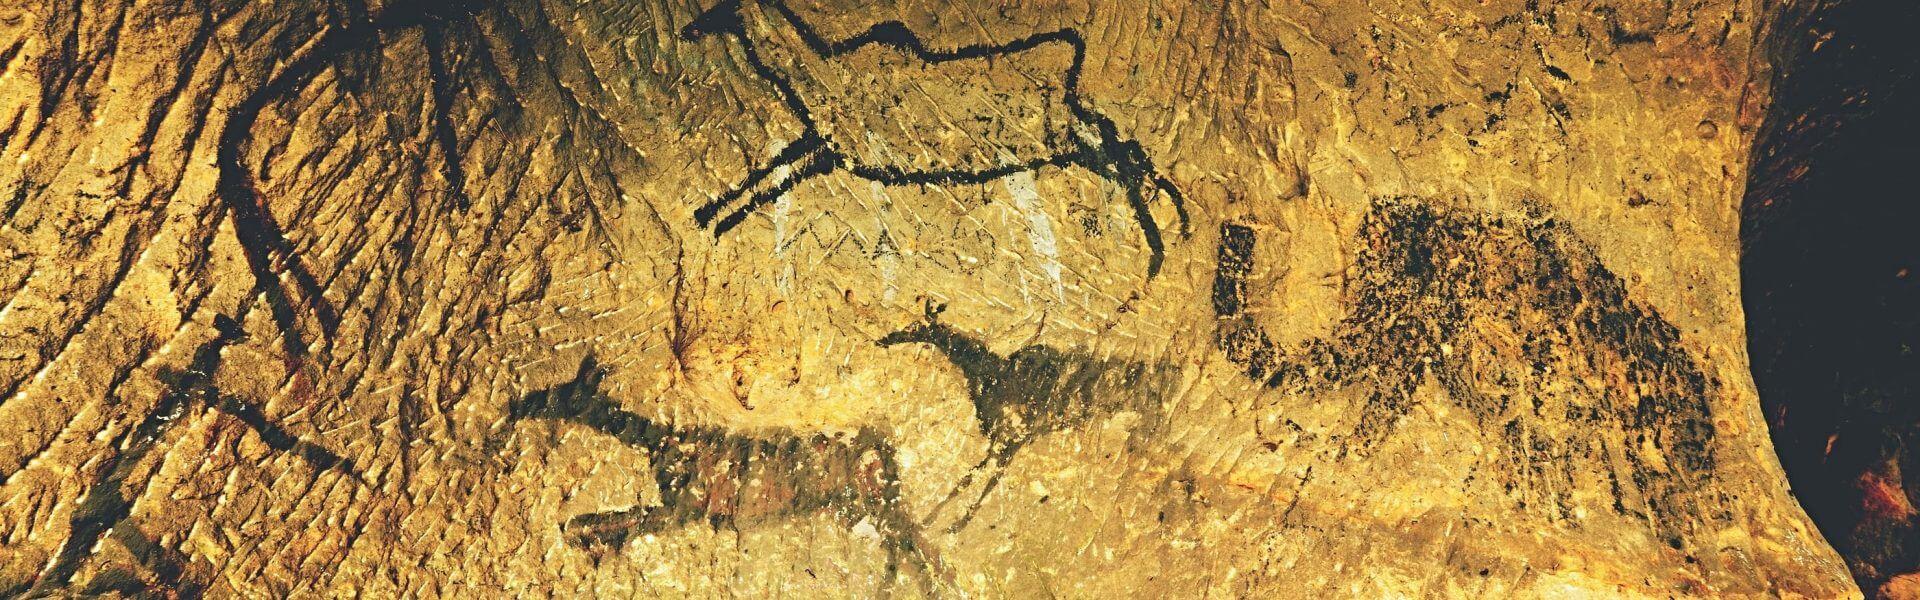 ציור קיר במערה מתקופת האבן. תמונה ראשית: Bigstock